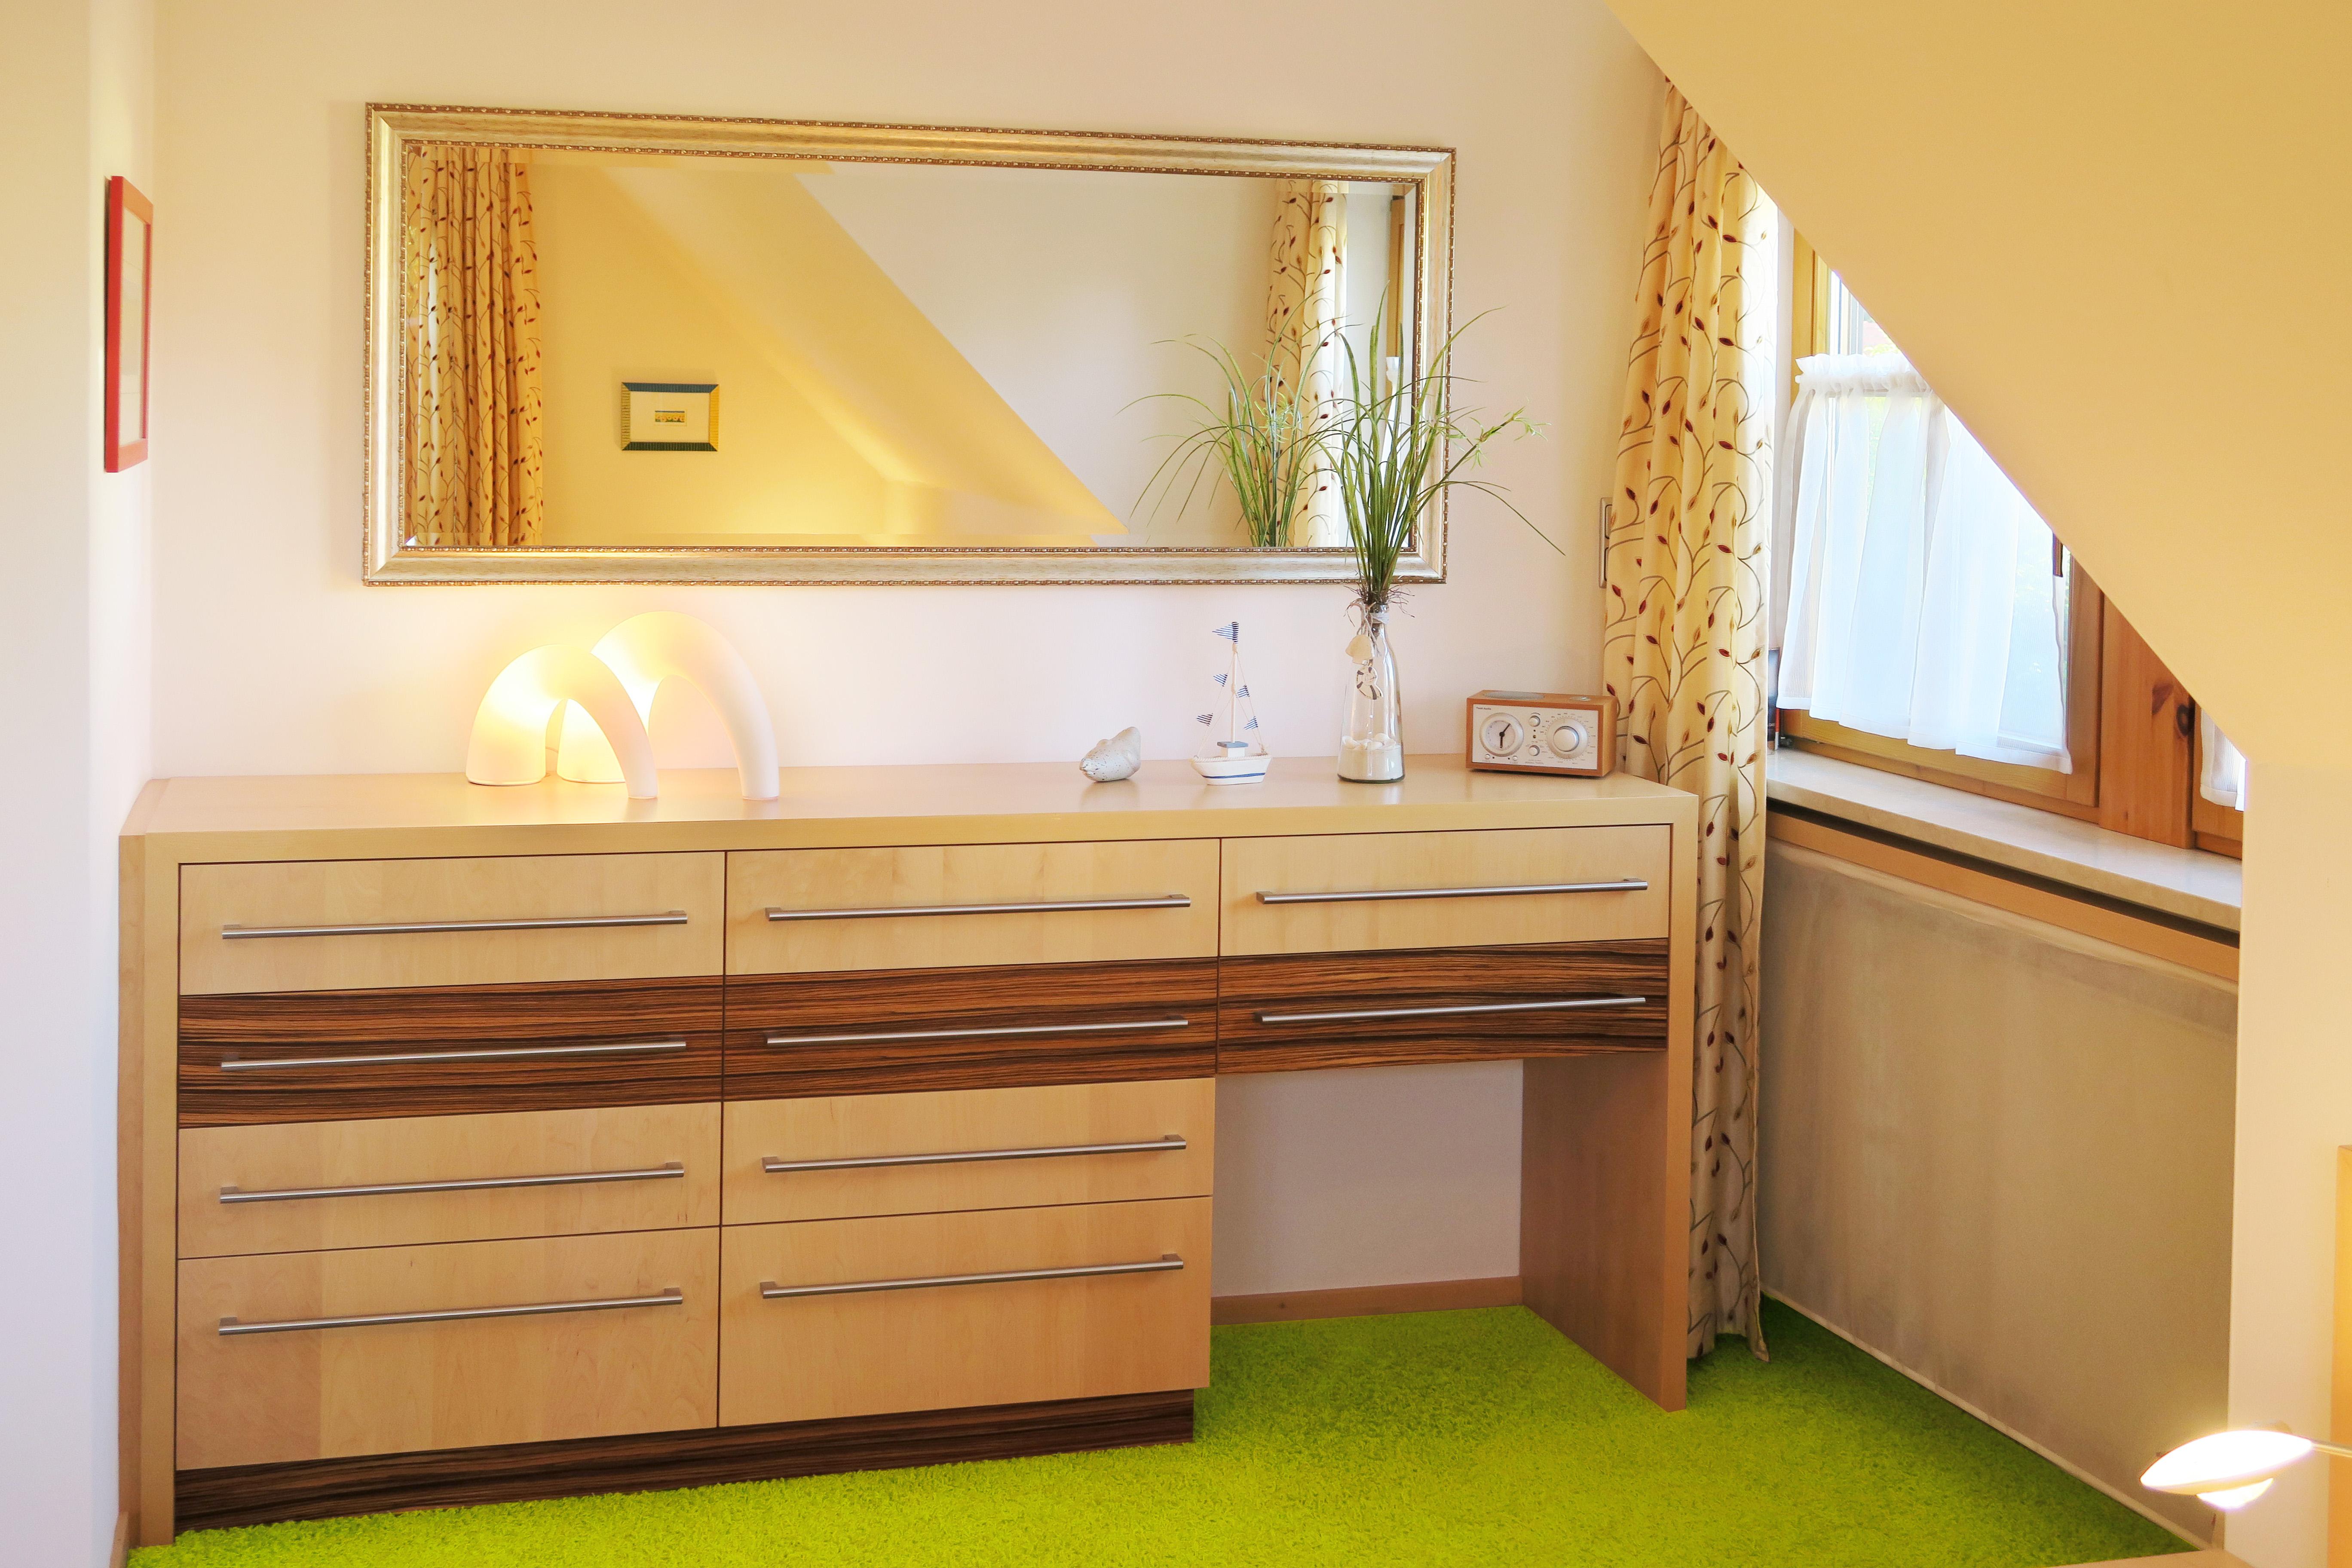 Sideboard im Schlafzimmer